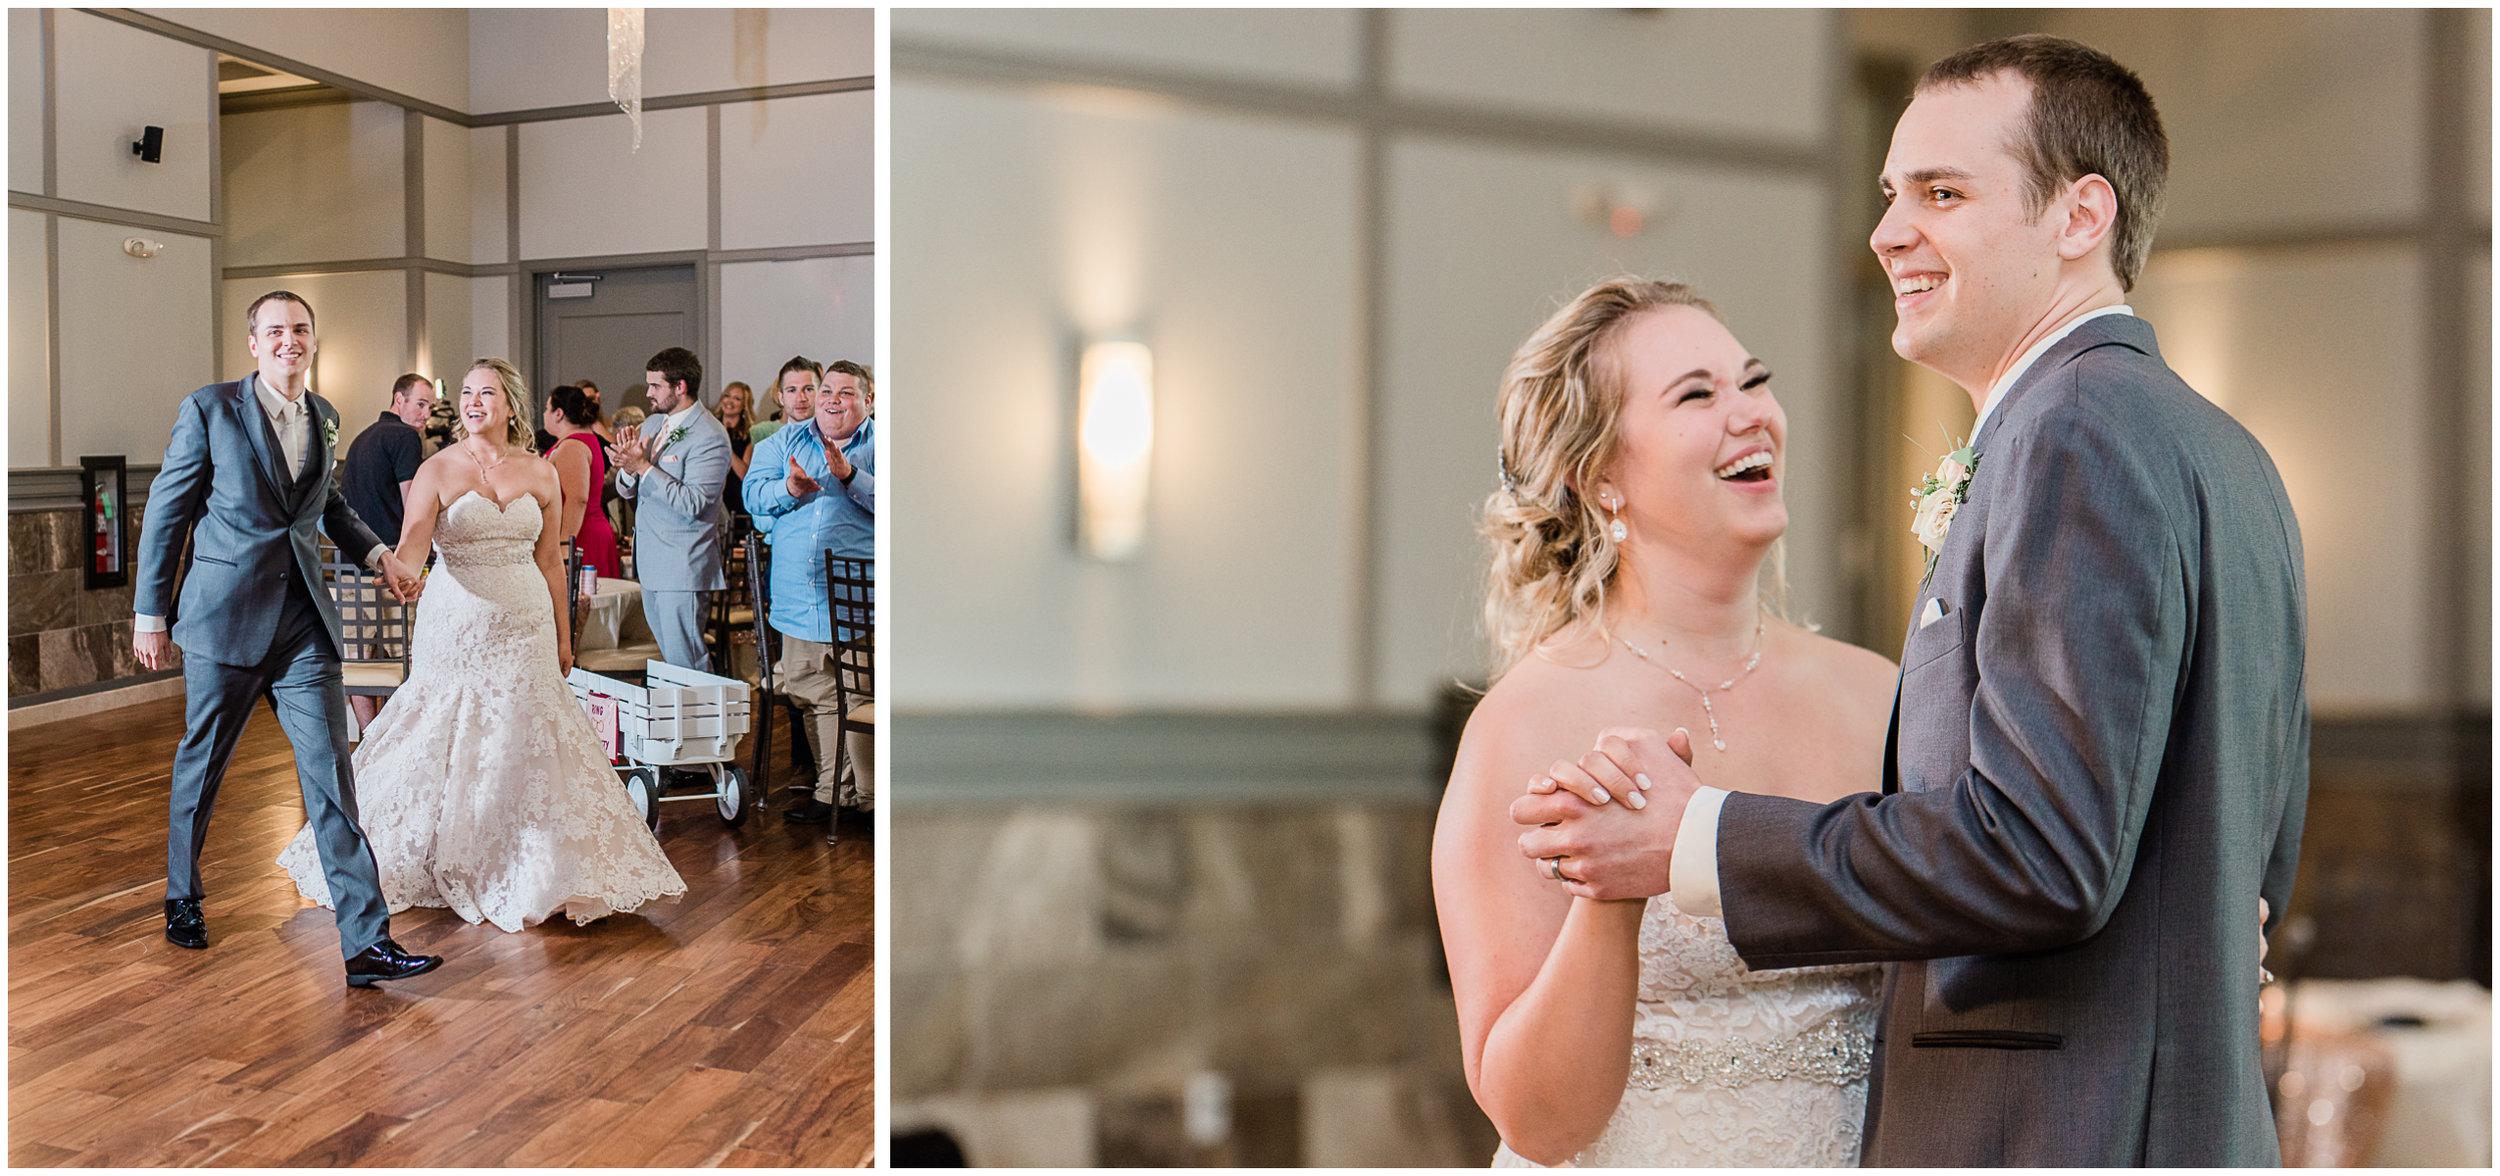 minocqua-wisconsin-wedding-photographer-rhinelander-eagle-river-senior-photography-engagement-family-woodruf44.jpg